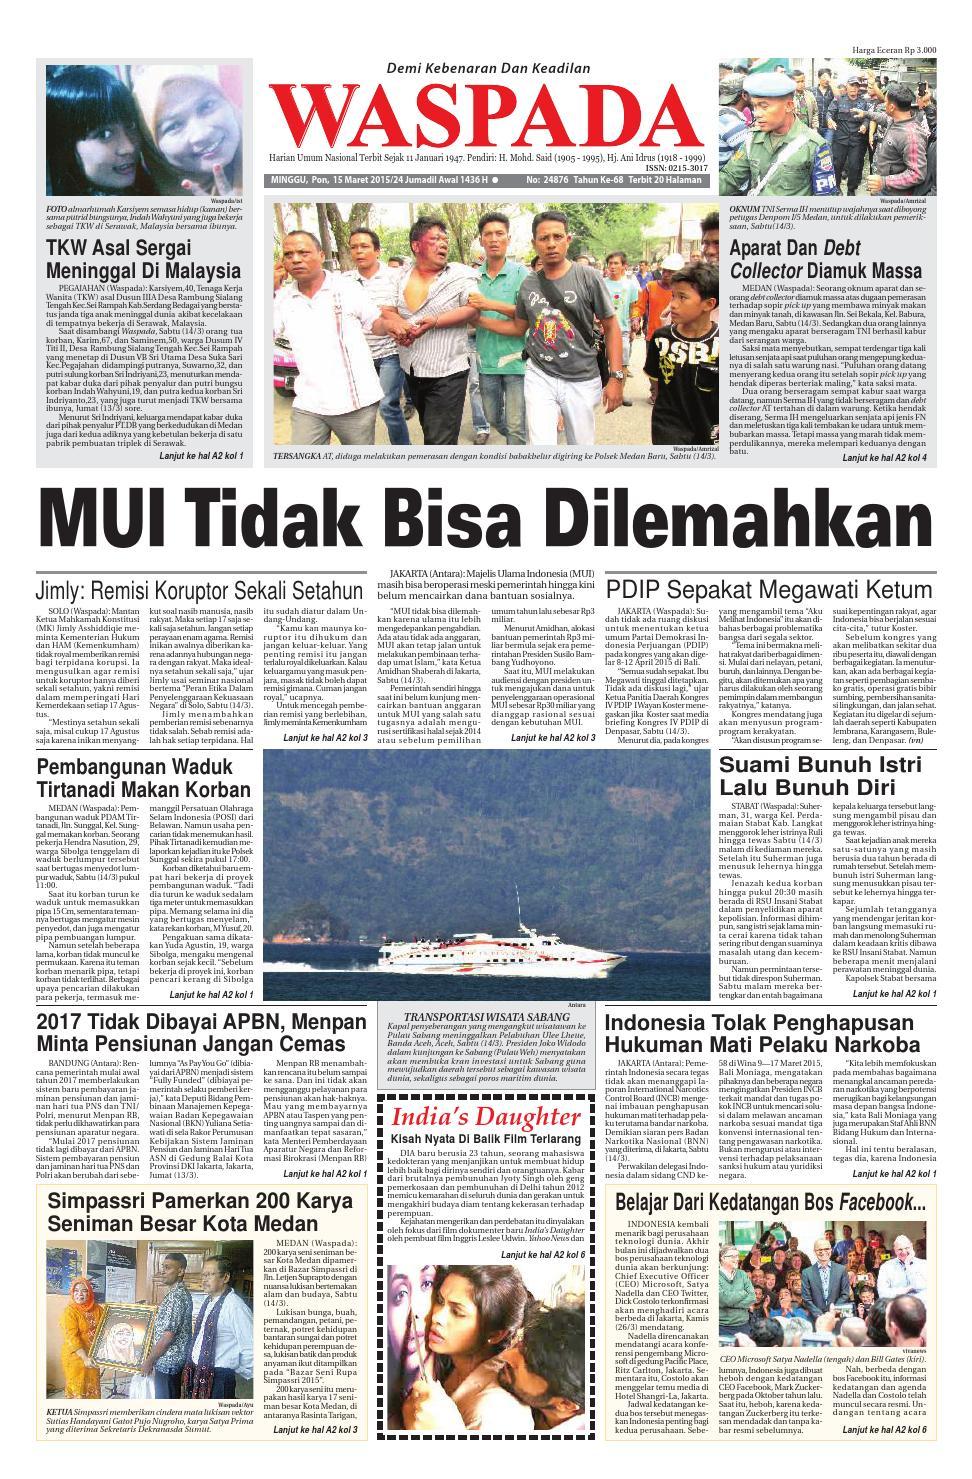 Waspada, minggu 15 maret 2015 by Harian Waspada - issuu